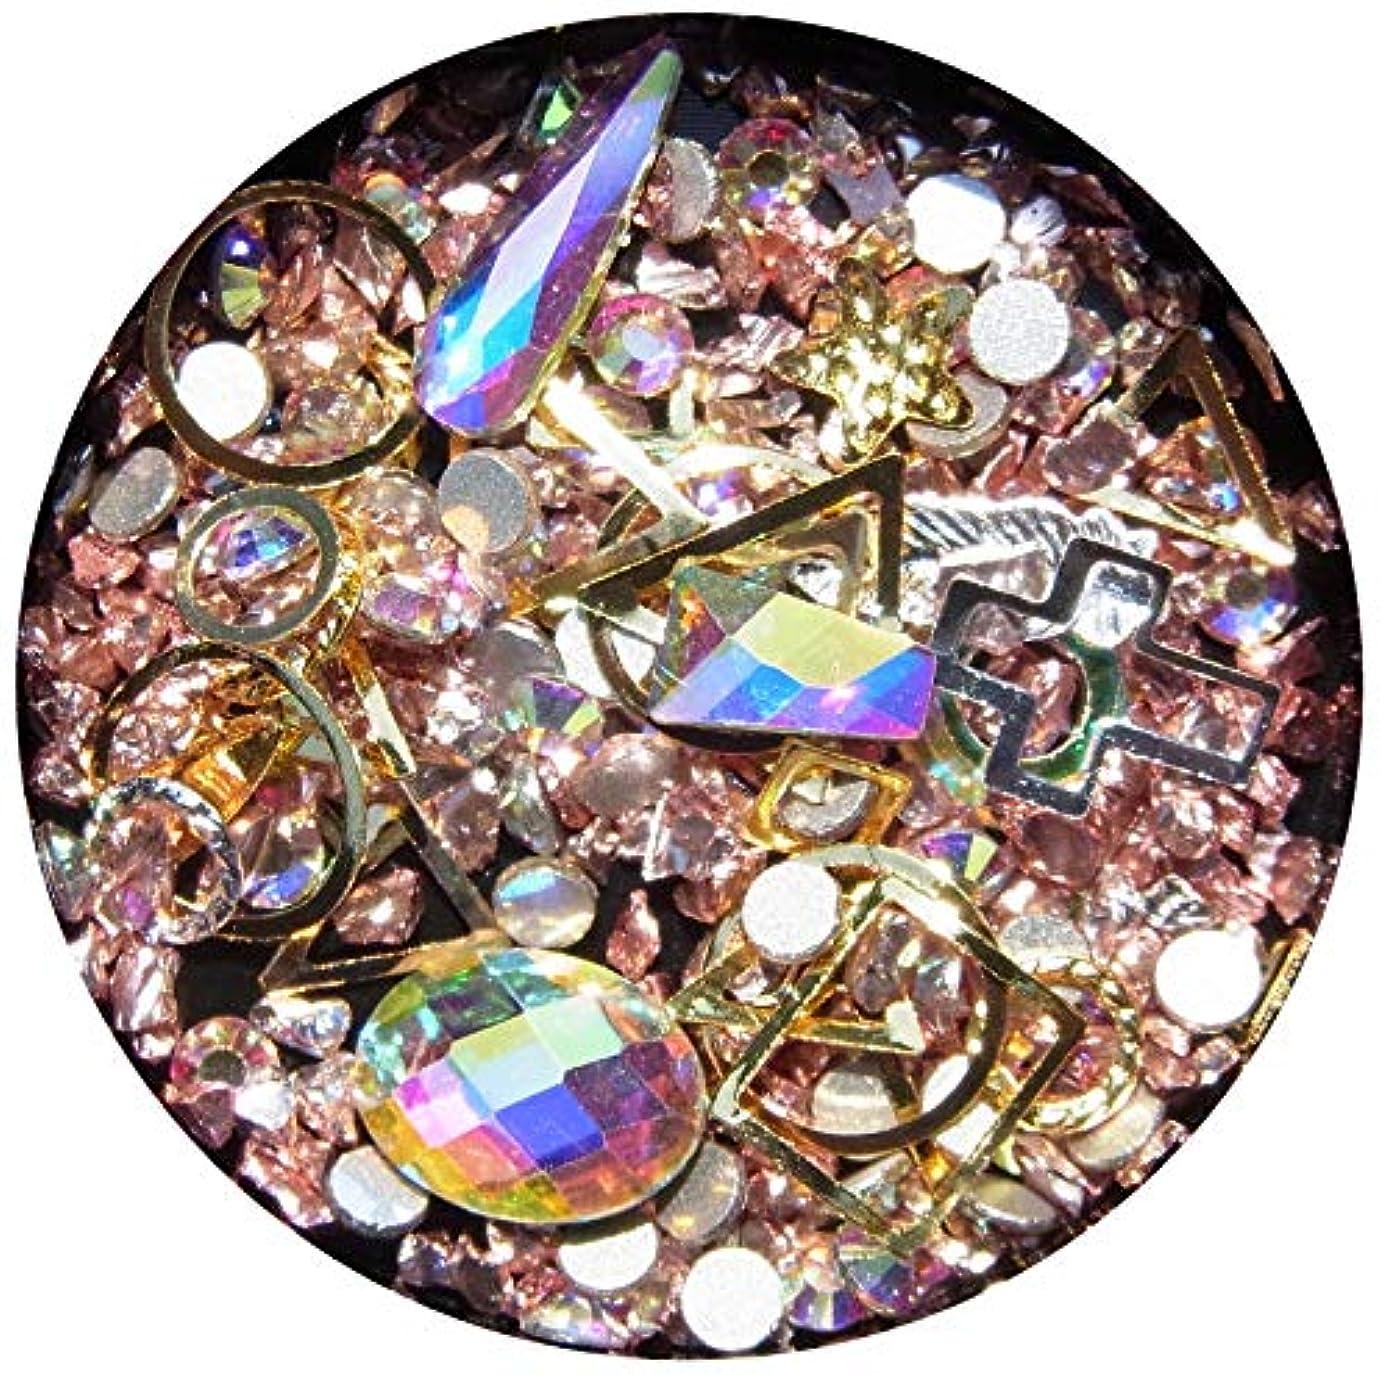 人種リングレット【jewel】メタルパーツ ミックス ラインストーン カーブ付きフレーム ゴールド ネイルアートパーツ レジン (5)